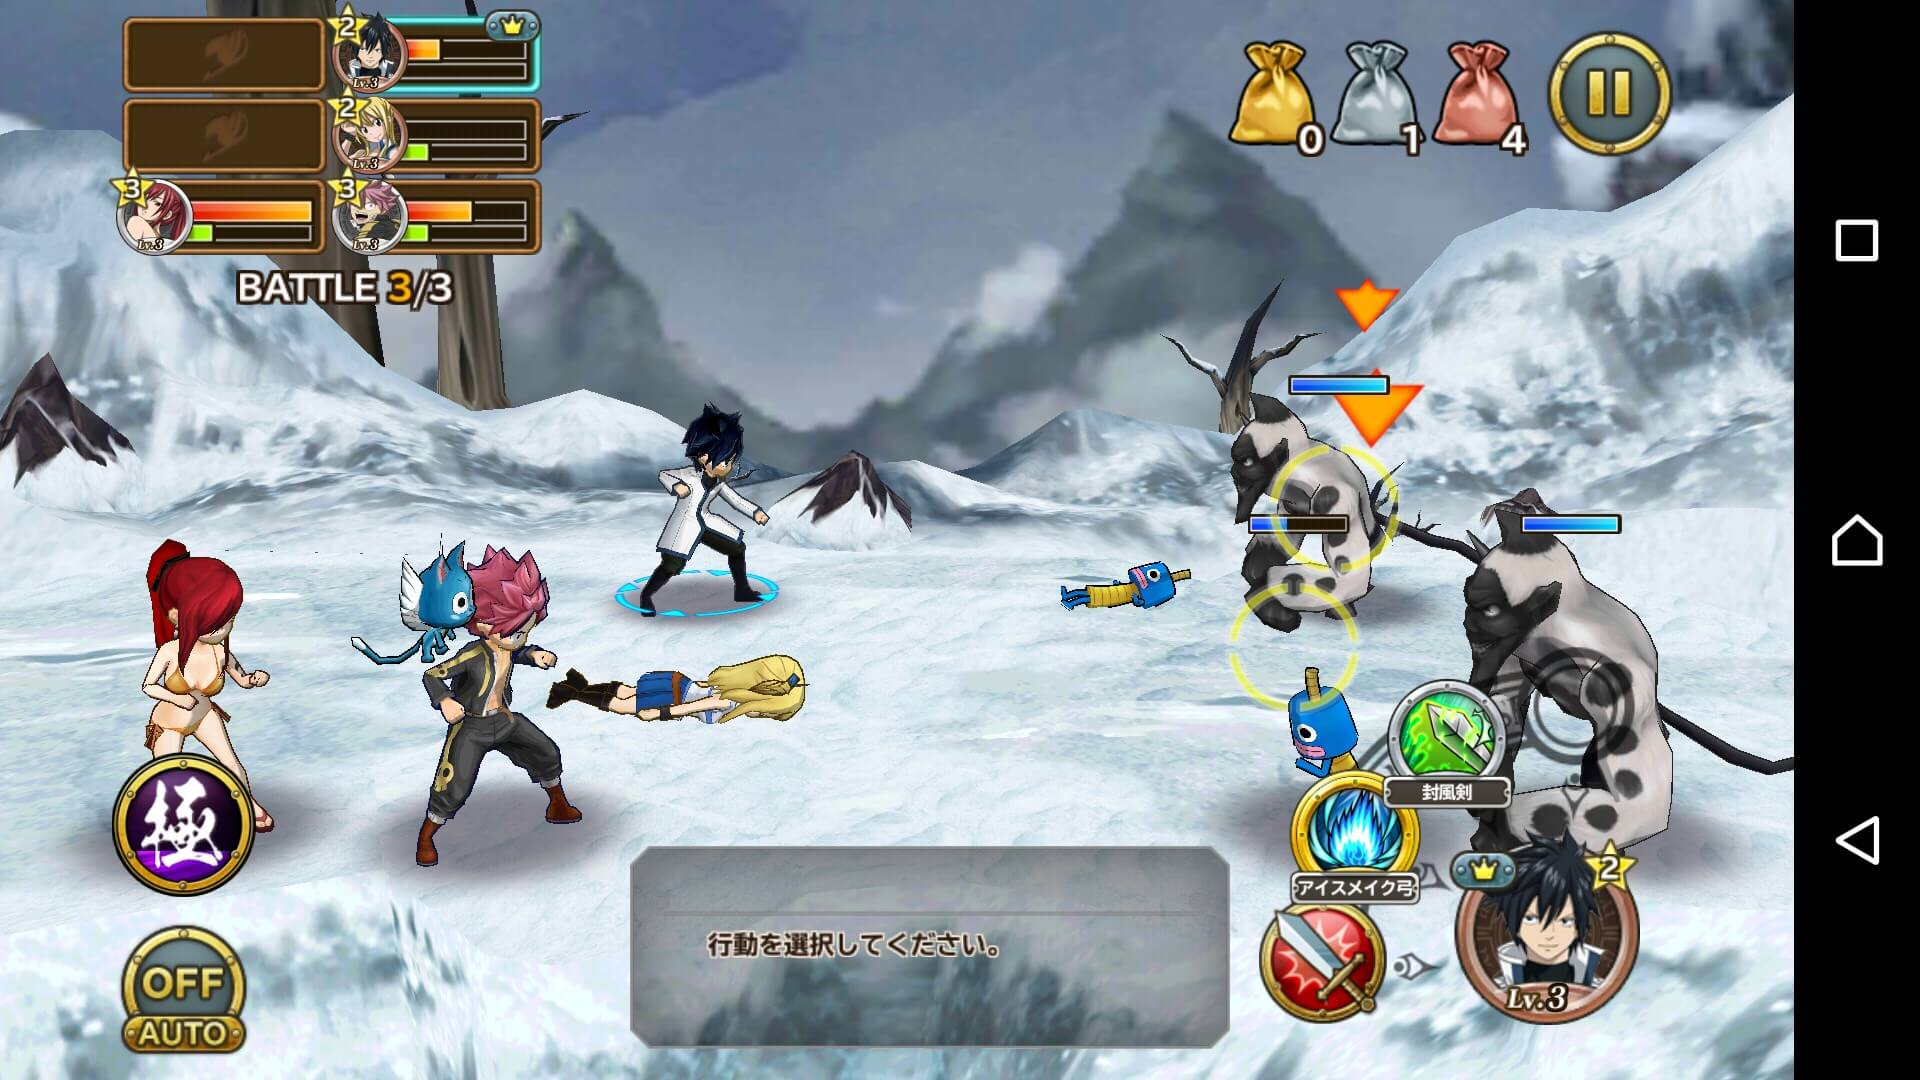 雪山で戦っています。